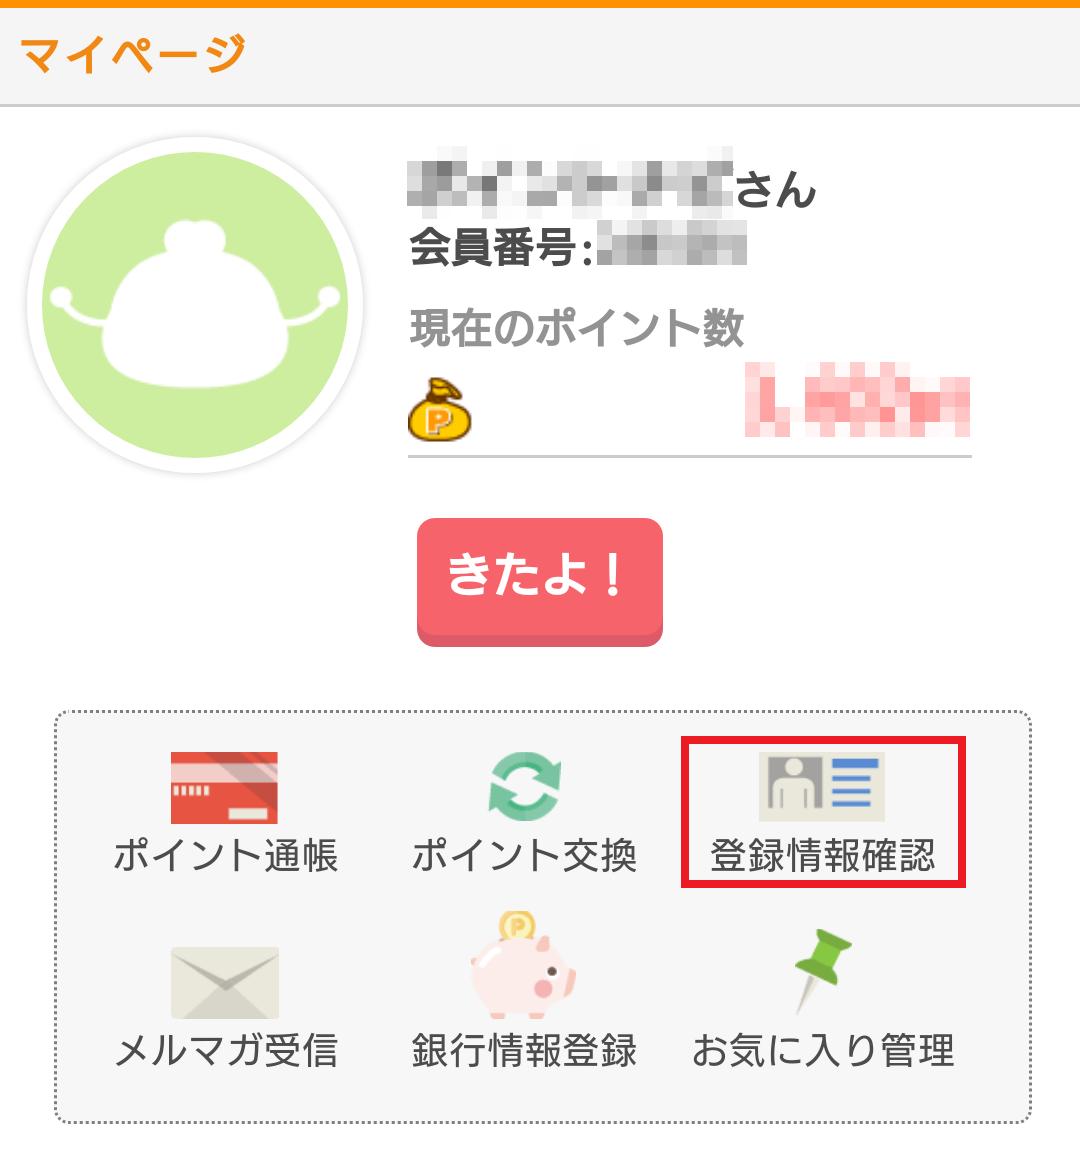 ちょびリッチ/登録情報確認